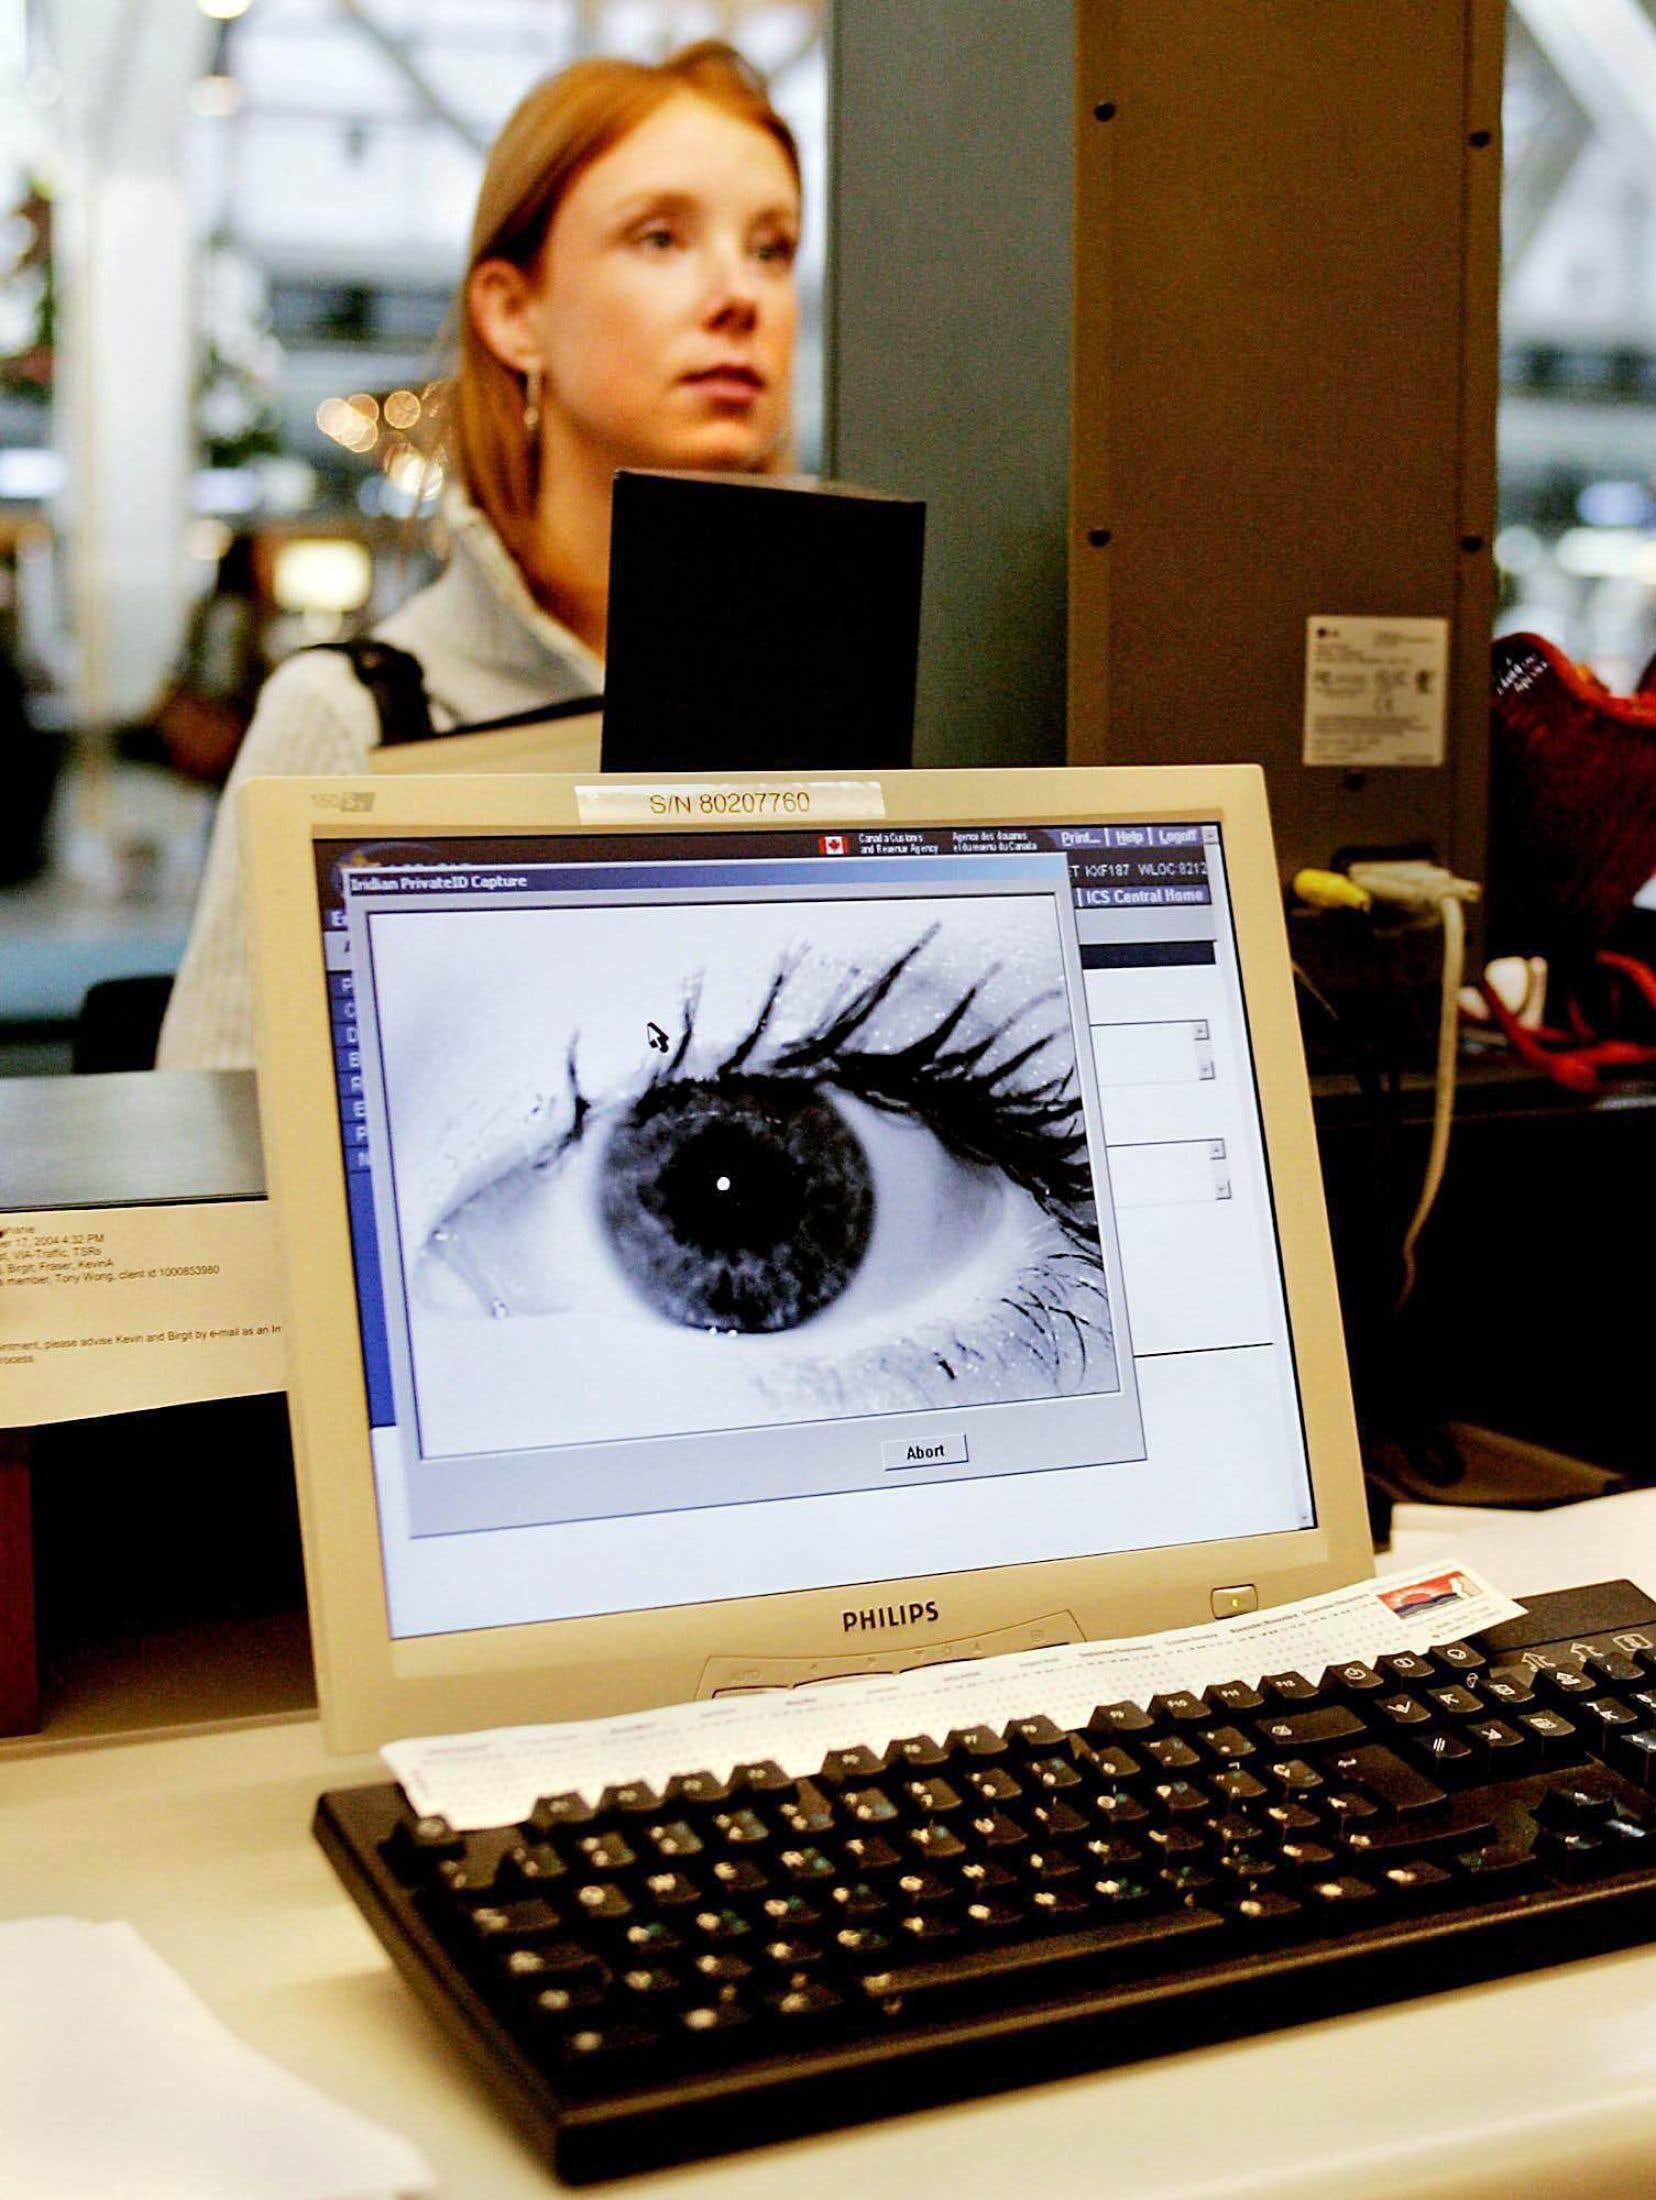 Ottawa avait commencé en 2013 à implanter des contrôles biométriques pour les visiteurs de 29 pays. En vertu de l'annonce de jeudi, ce nombre passera à 151.